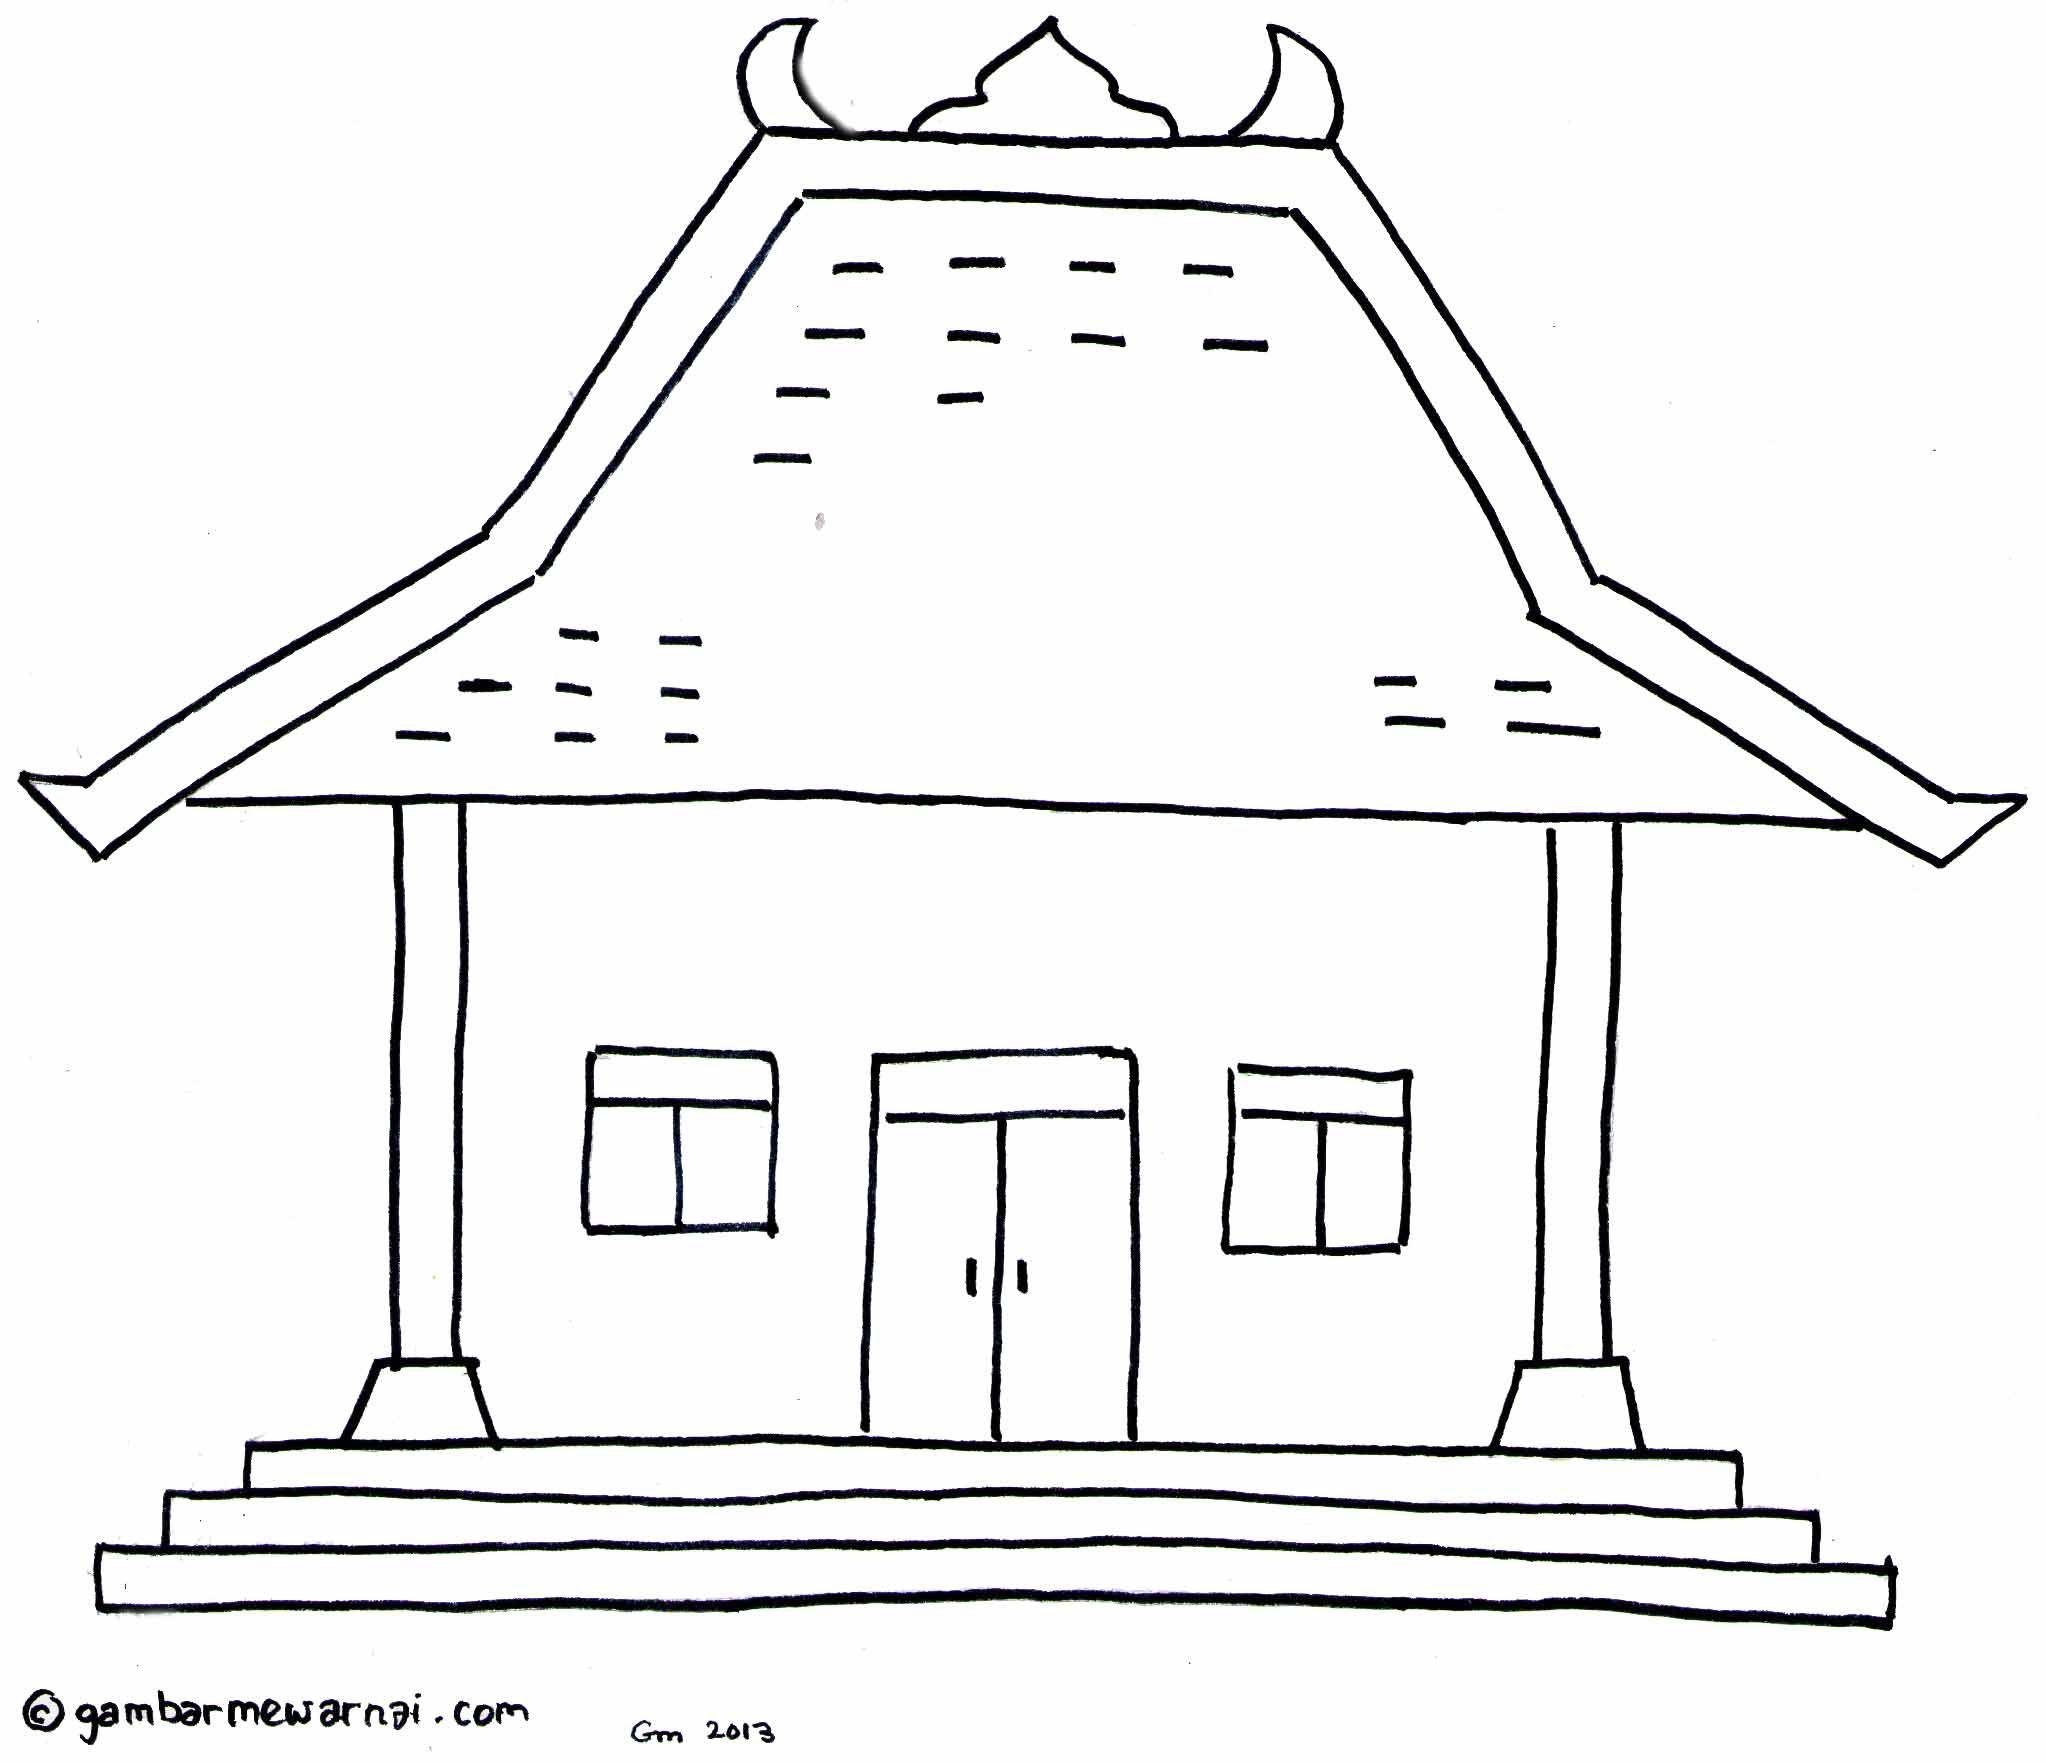 Gambar Animasi Pakaian Adat Jawa Timur